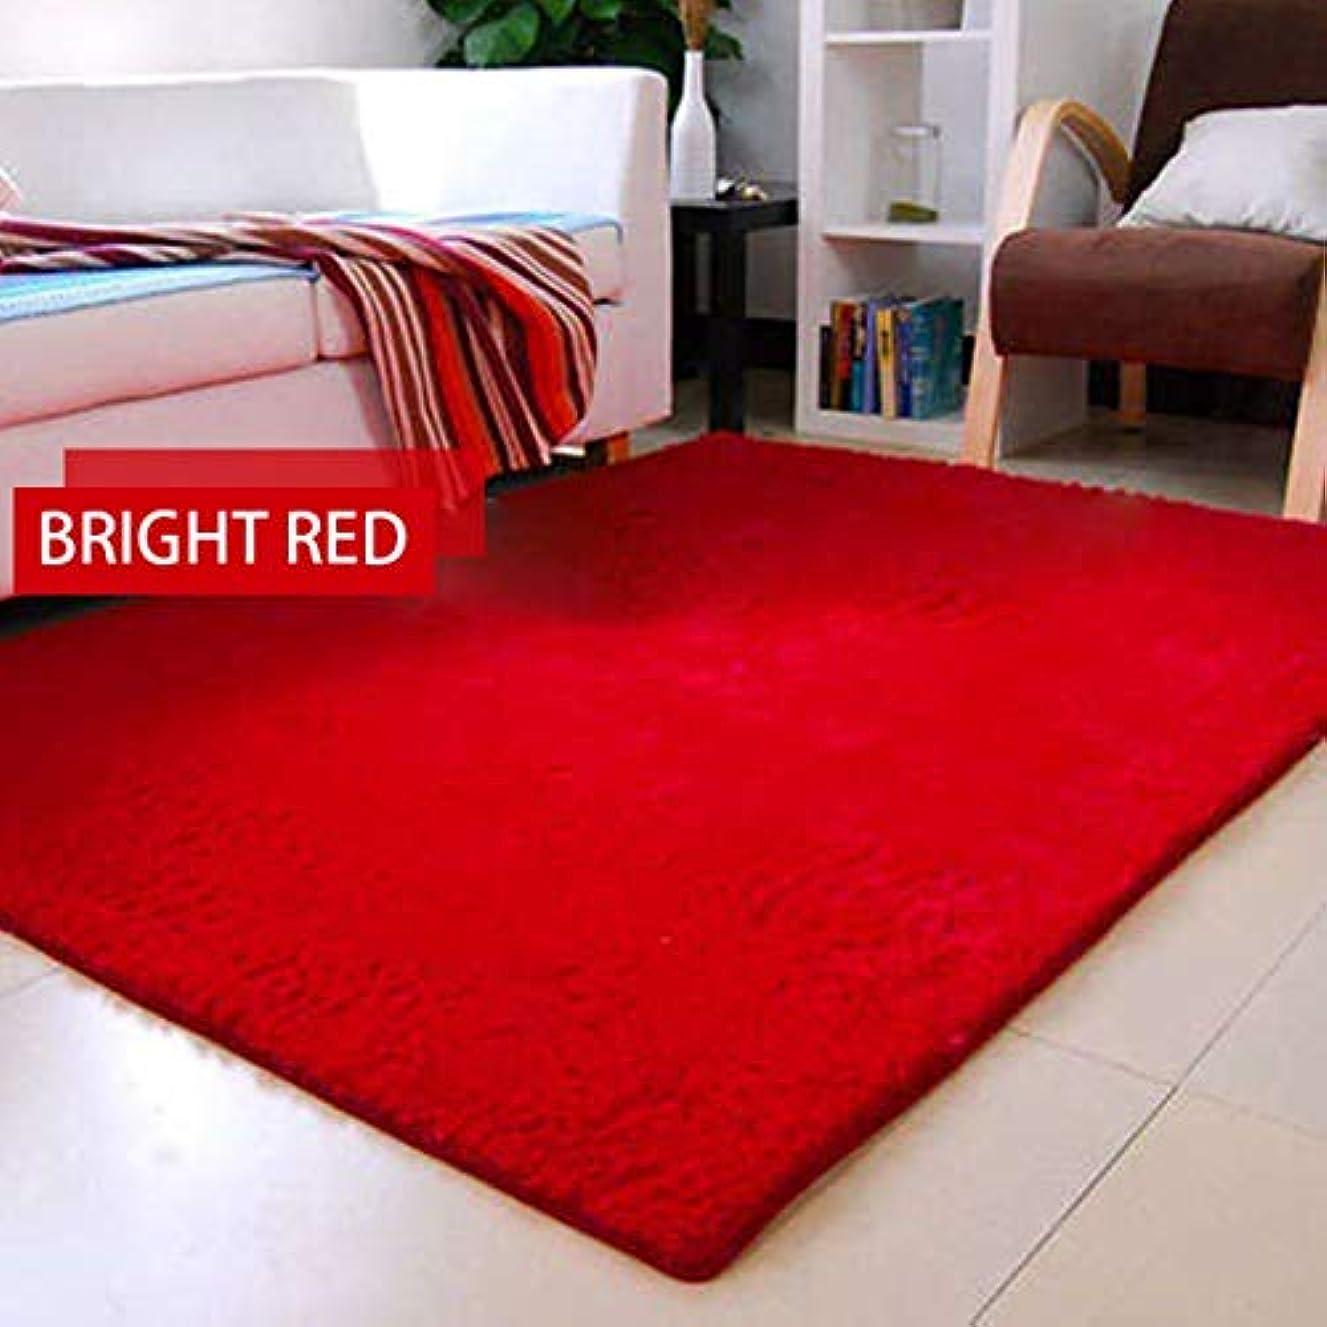 前述のメーカーサイレント超柔らかい厚い屋内モーデンエリア敷物パッド寝室リビングルームのリビングルームの敷物毛布足布家の装飾-赤60 * 90 cm